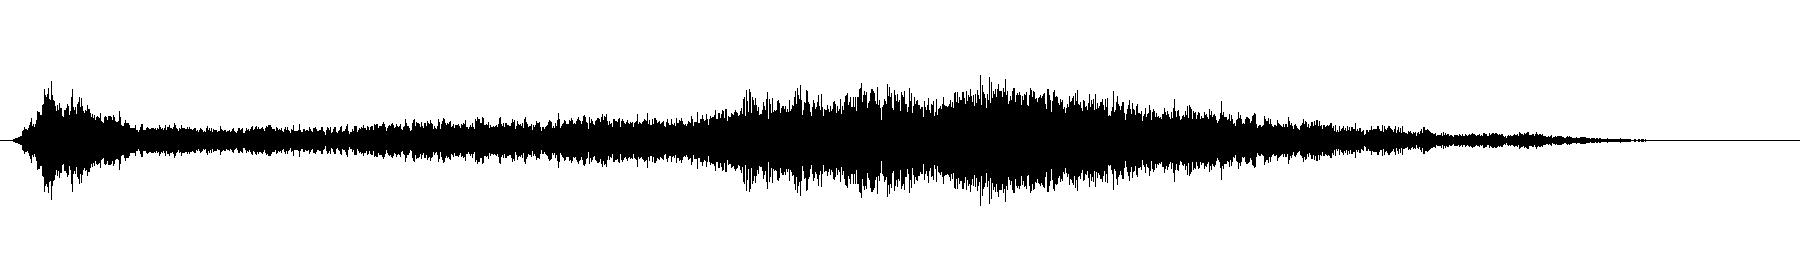 str bend g 03 xc